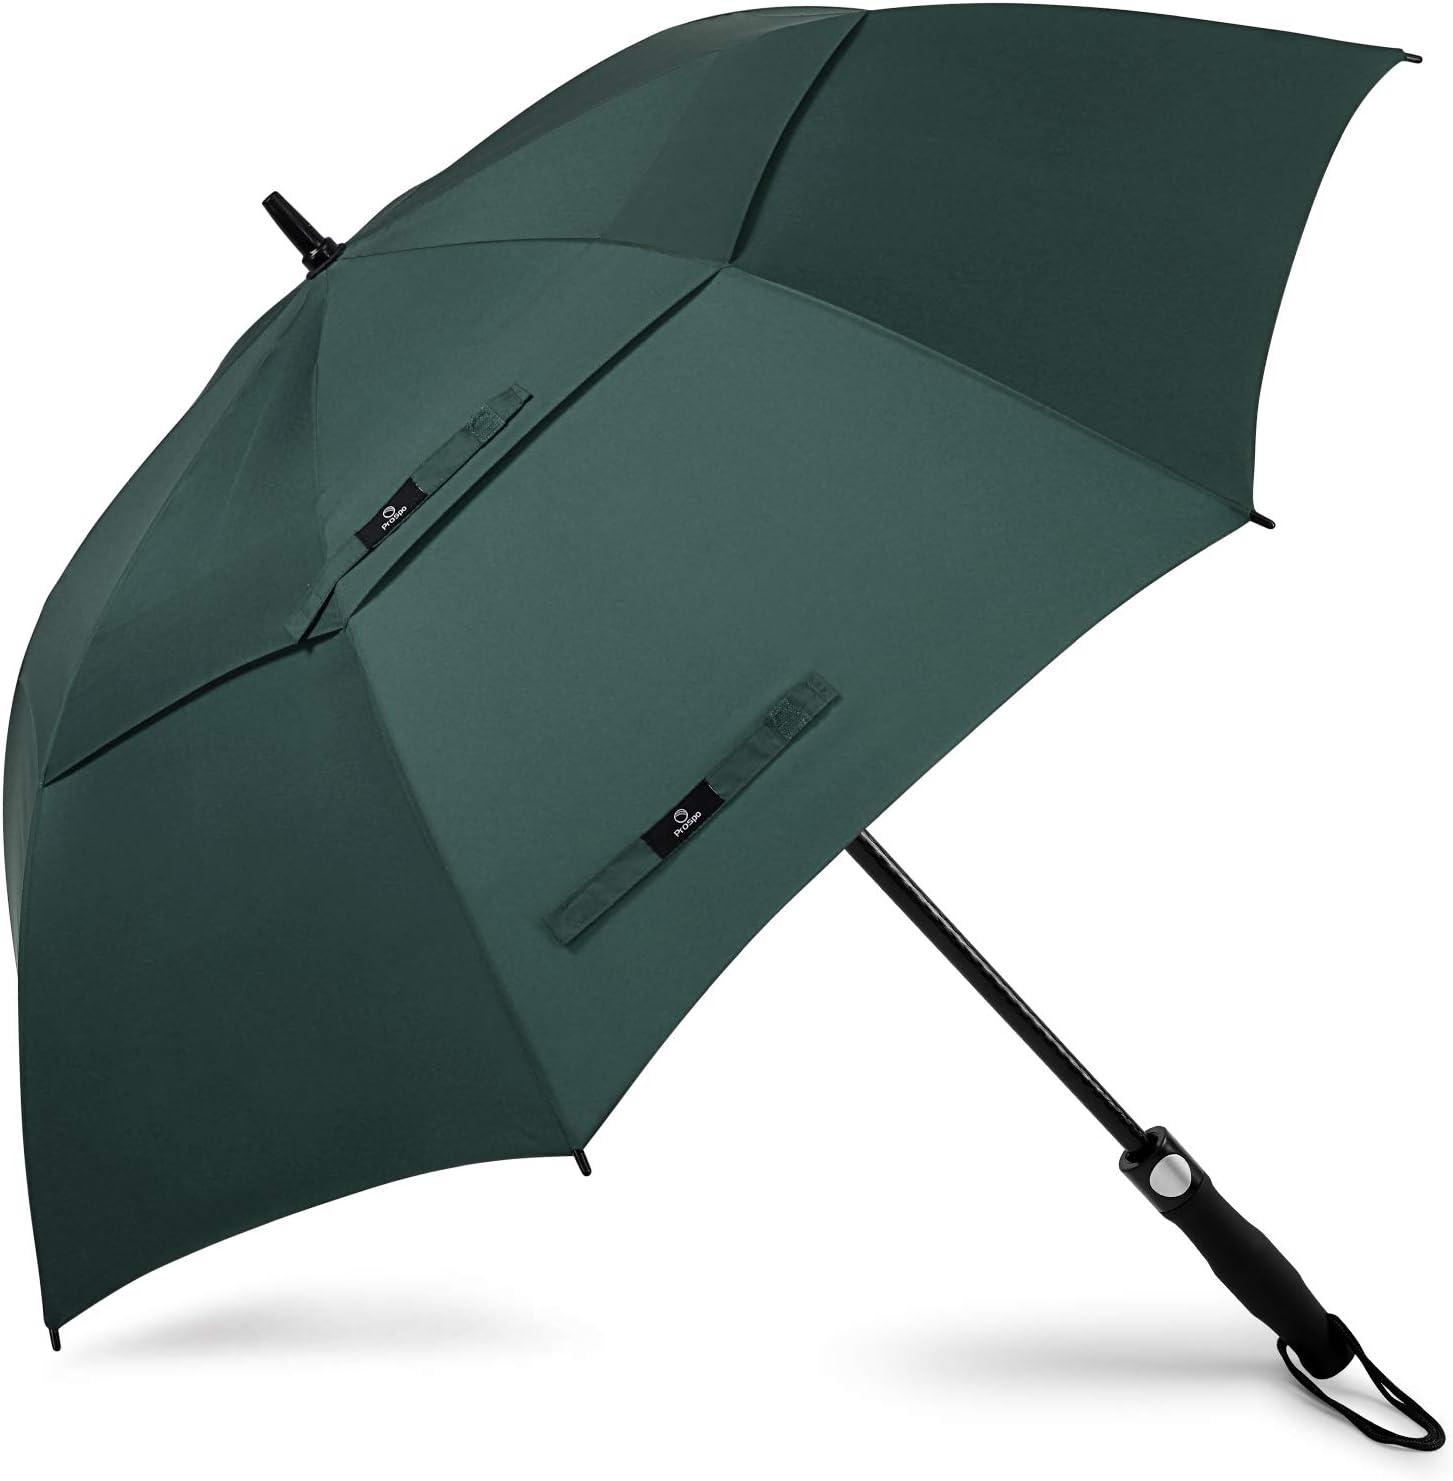 Prospo Paraguas de golf de 62/68 pulgadas, grande, resistente, automático, resistente al viento, doble toldo de gran tamaño, con ventilación, lluvia y nieve